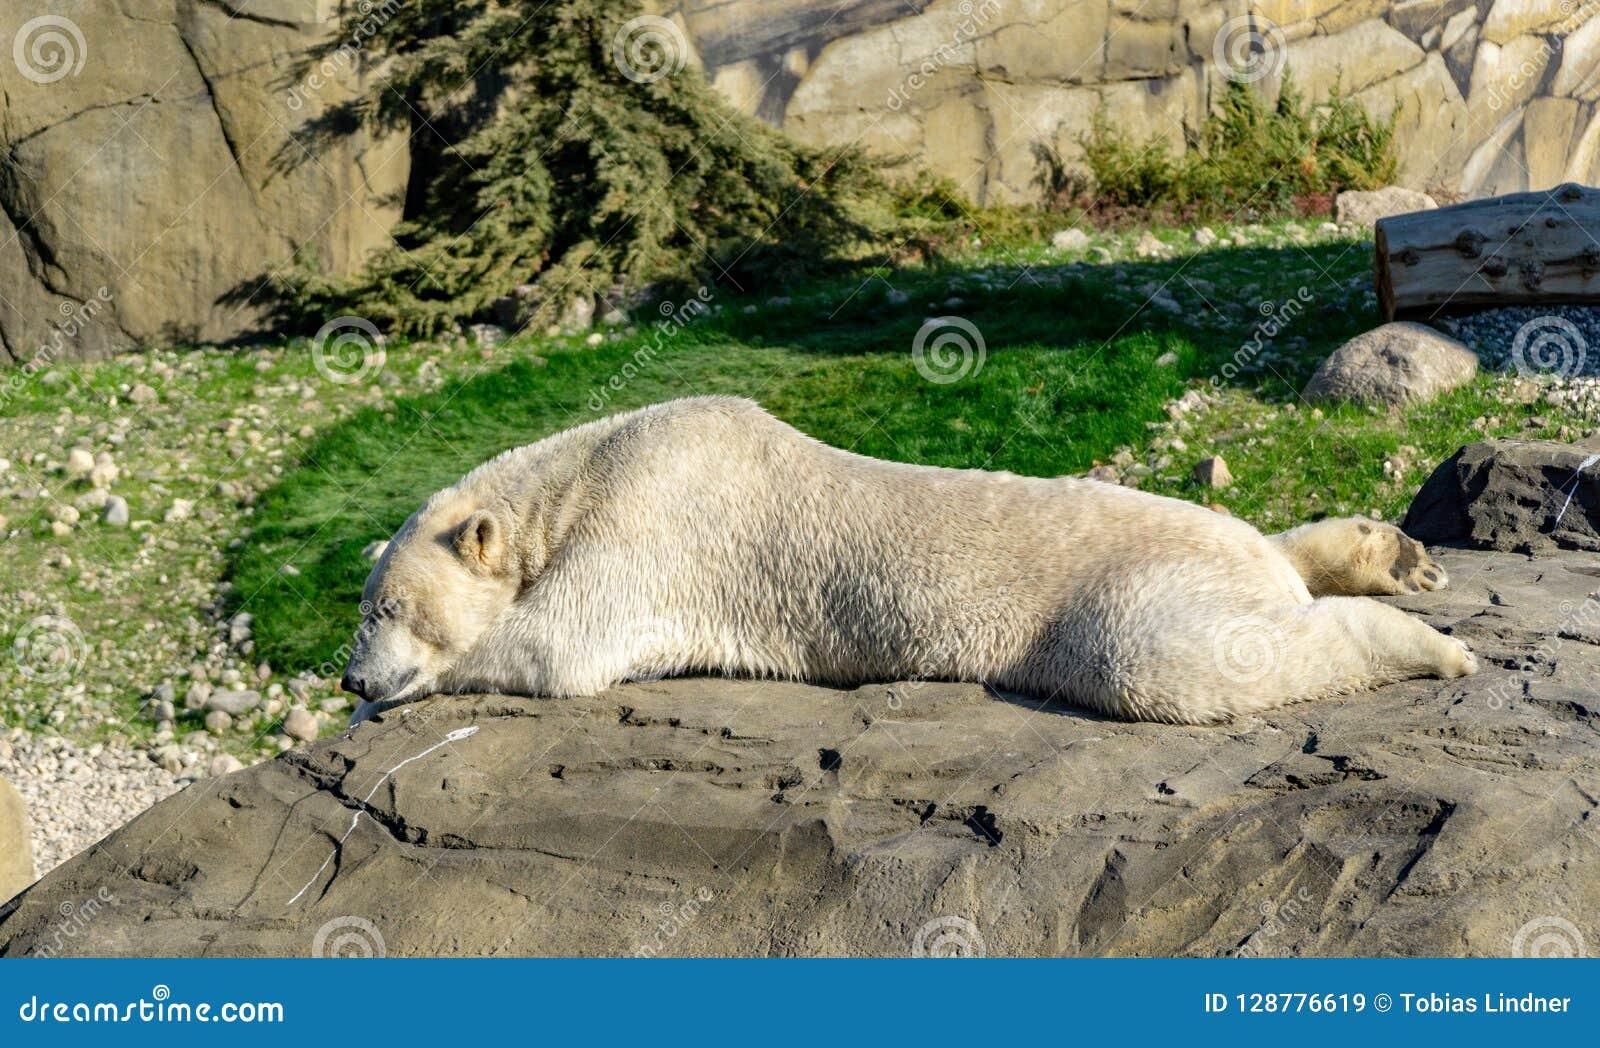 Isbjörn- eller isbjörn i ett höstlandskap